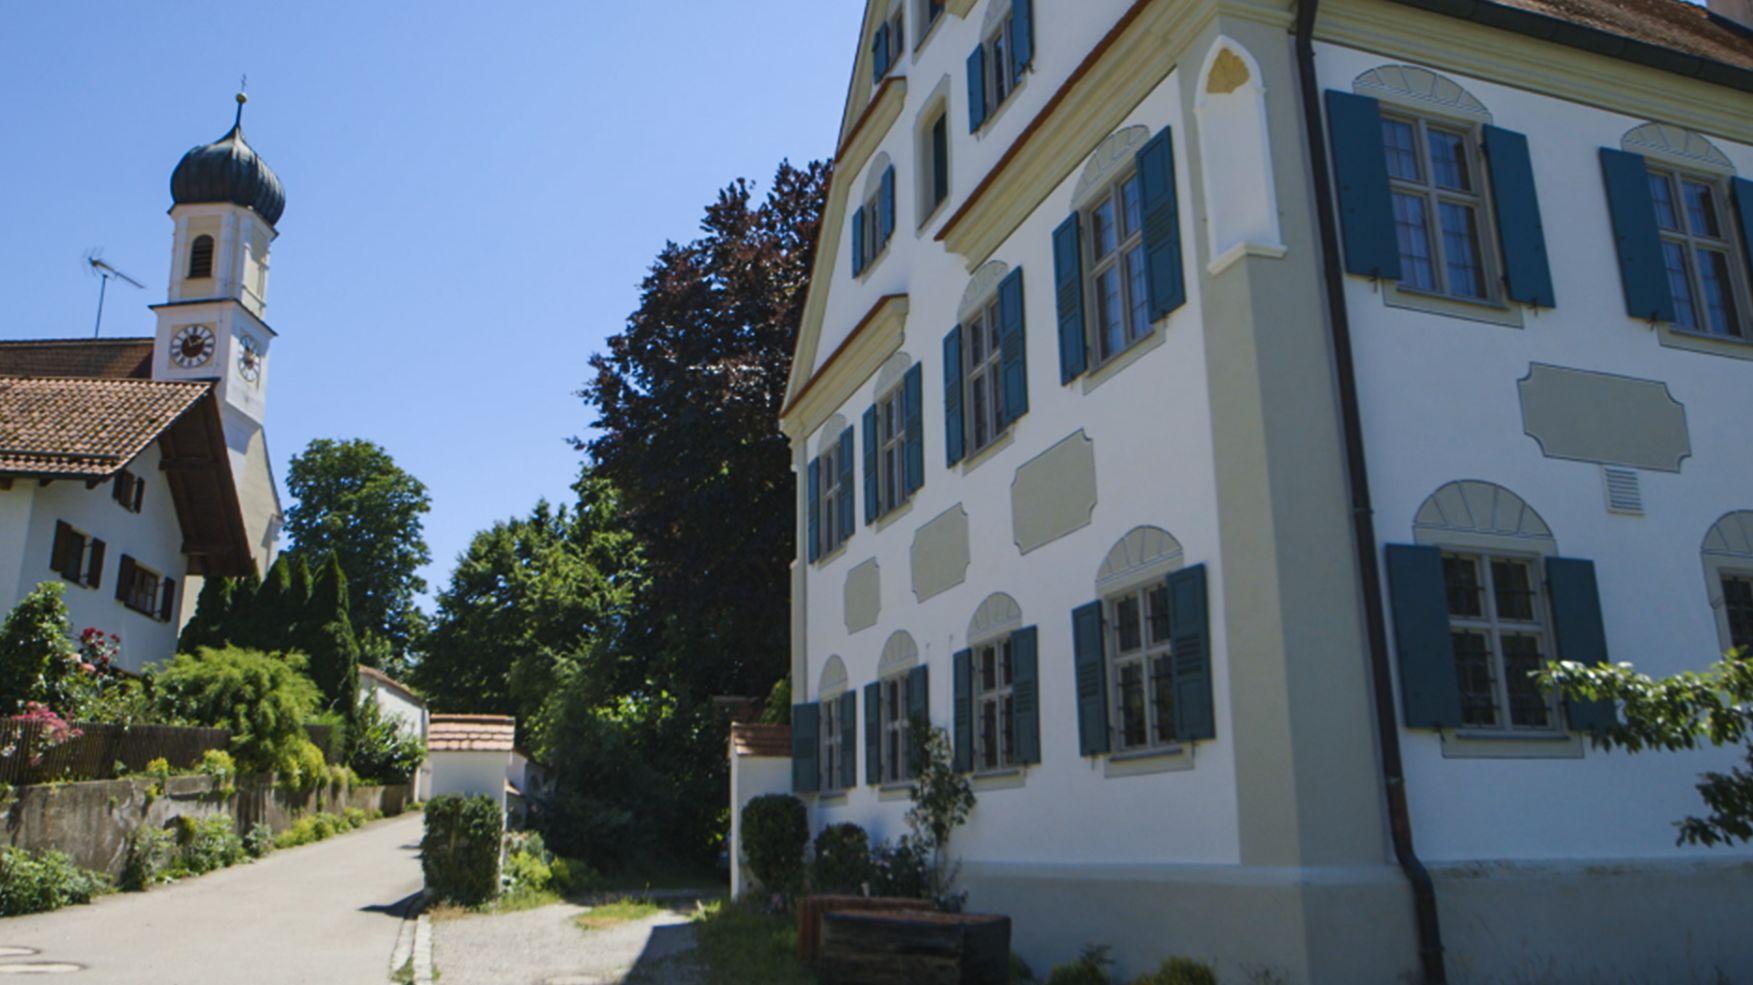 Pfarrhaus in Hochdorf - aufwändig renoviert nach alten Schablonen.